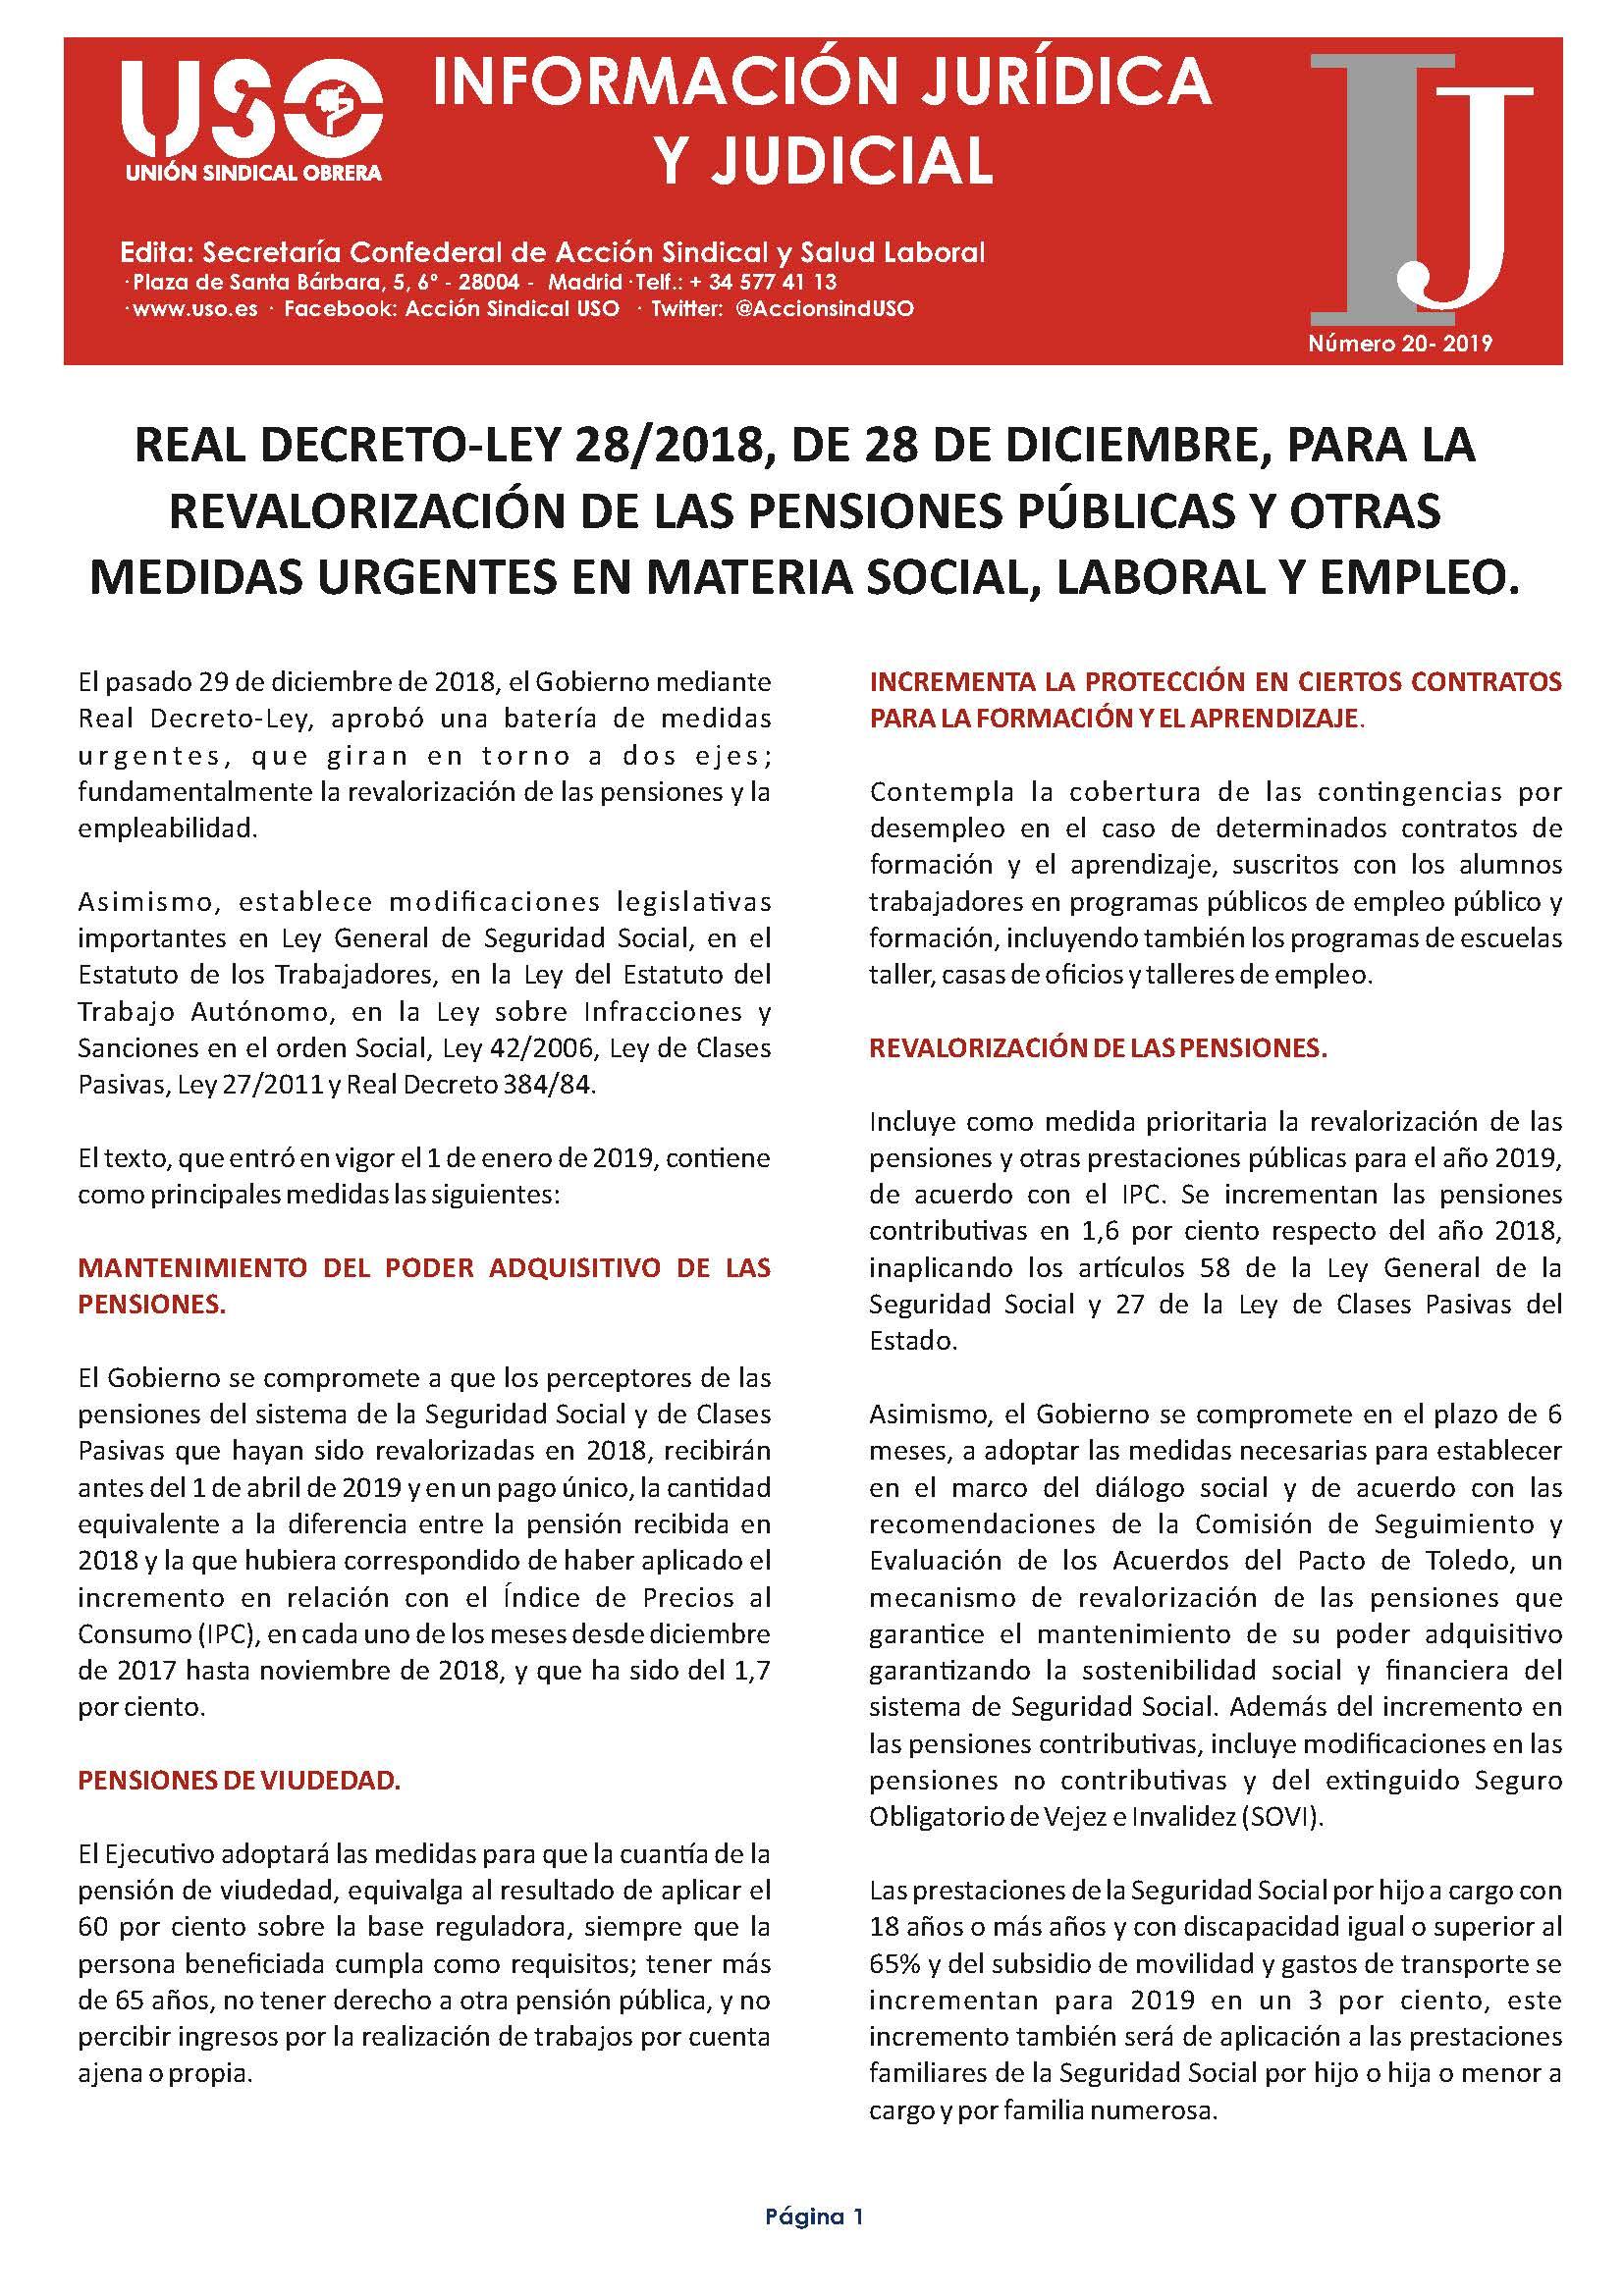 Información Jurídica y Judicial nº 20